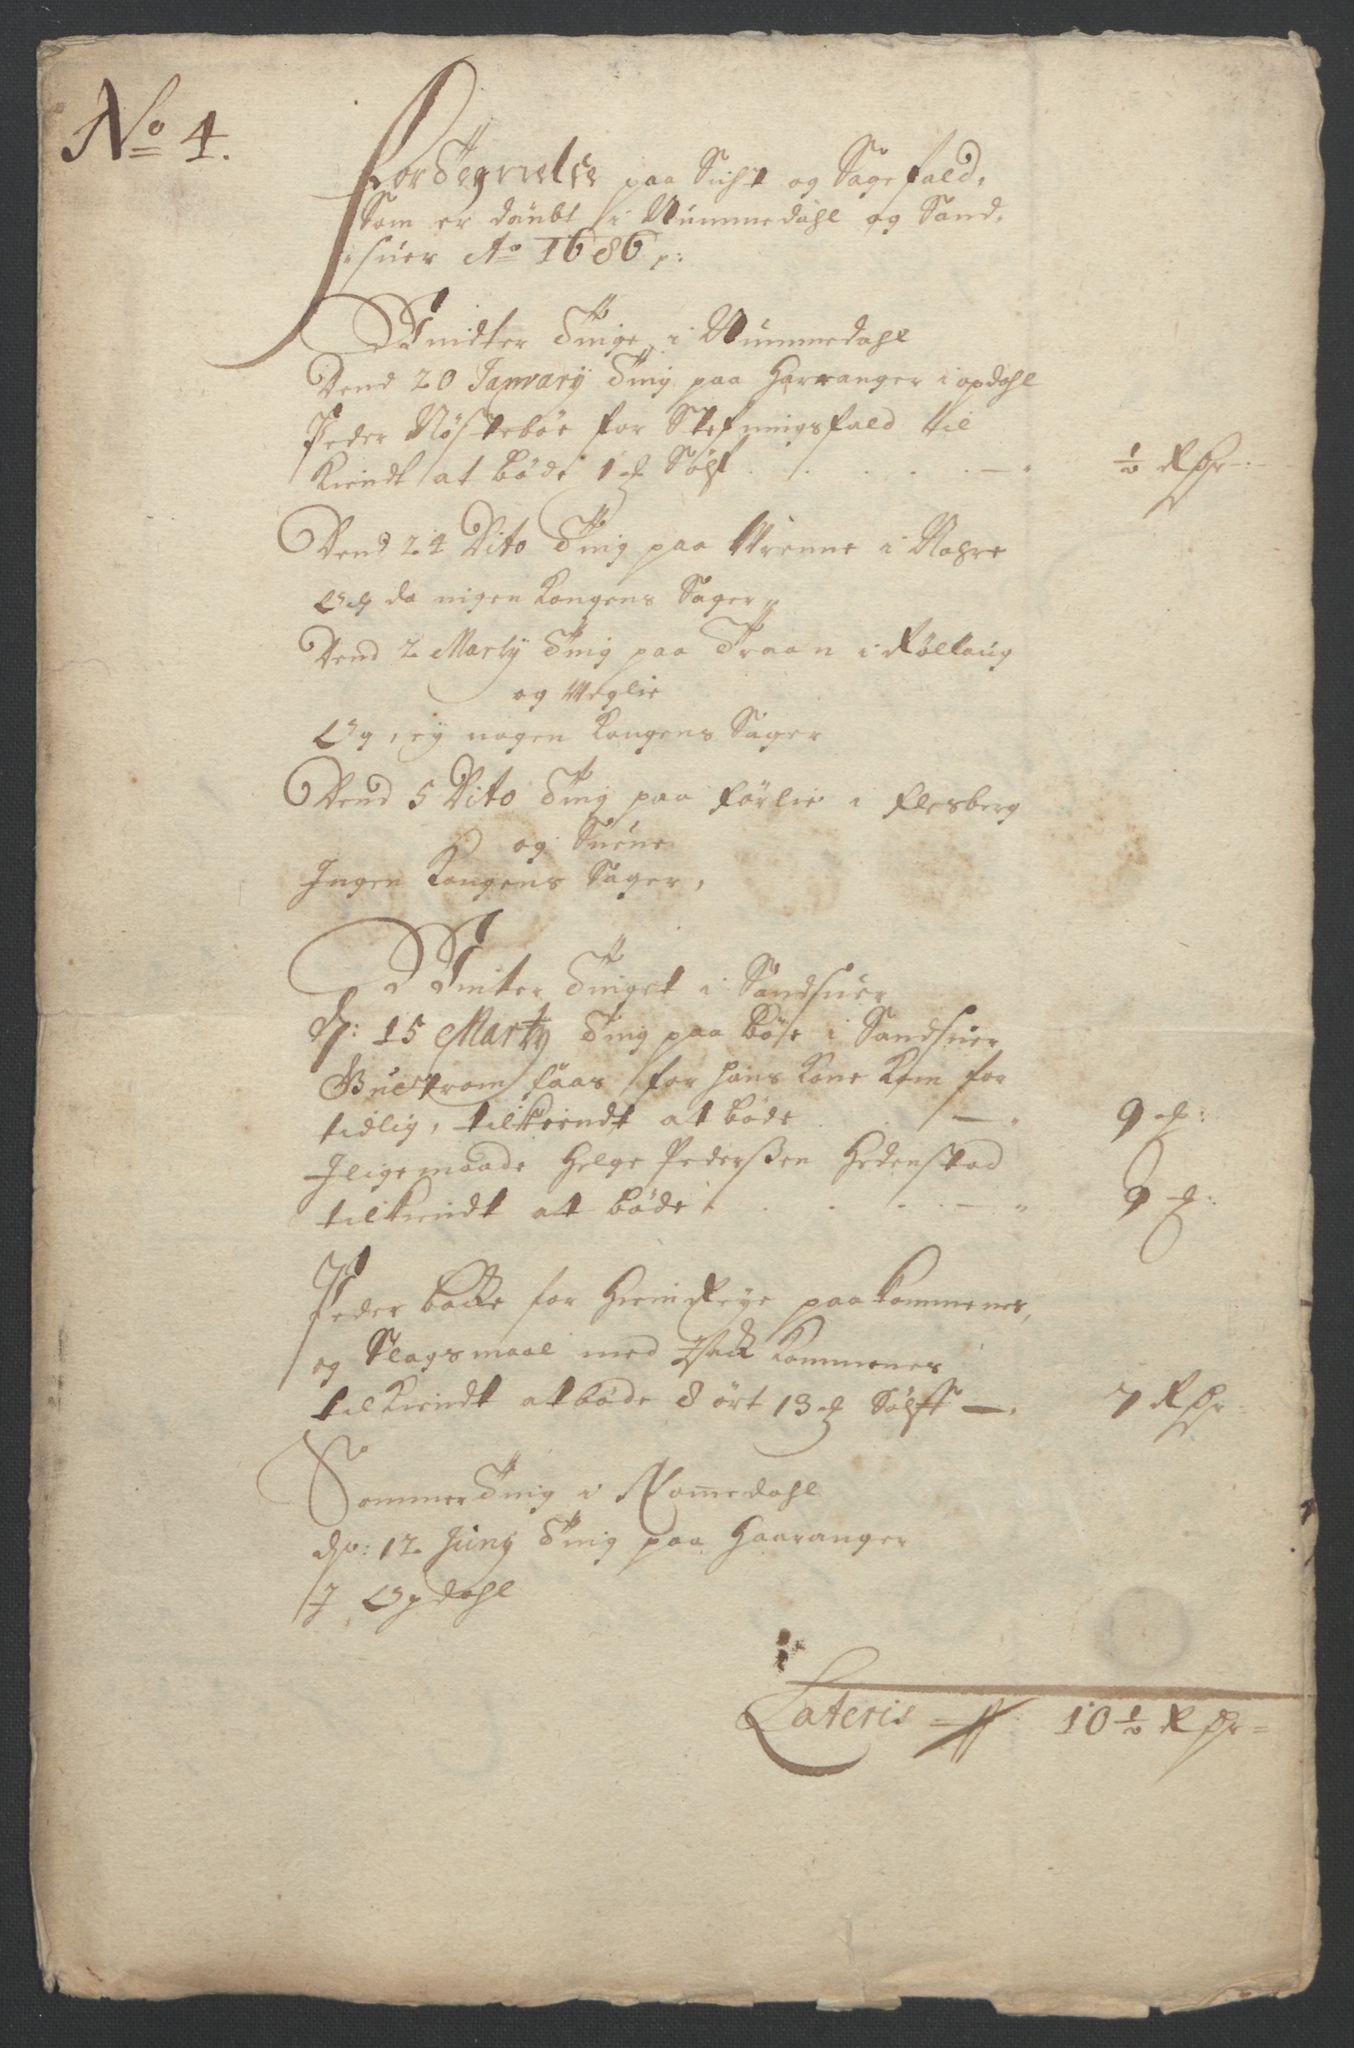 RA, Rentekammeret inntil 1814, Reviderte regnskaper, Fogderegnskap, R24/L1572: Fogderegnskap Numedal og Sandsvær, 1679-1686, s. 17